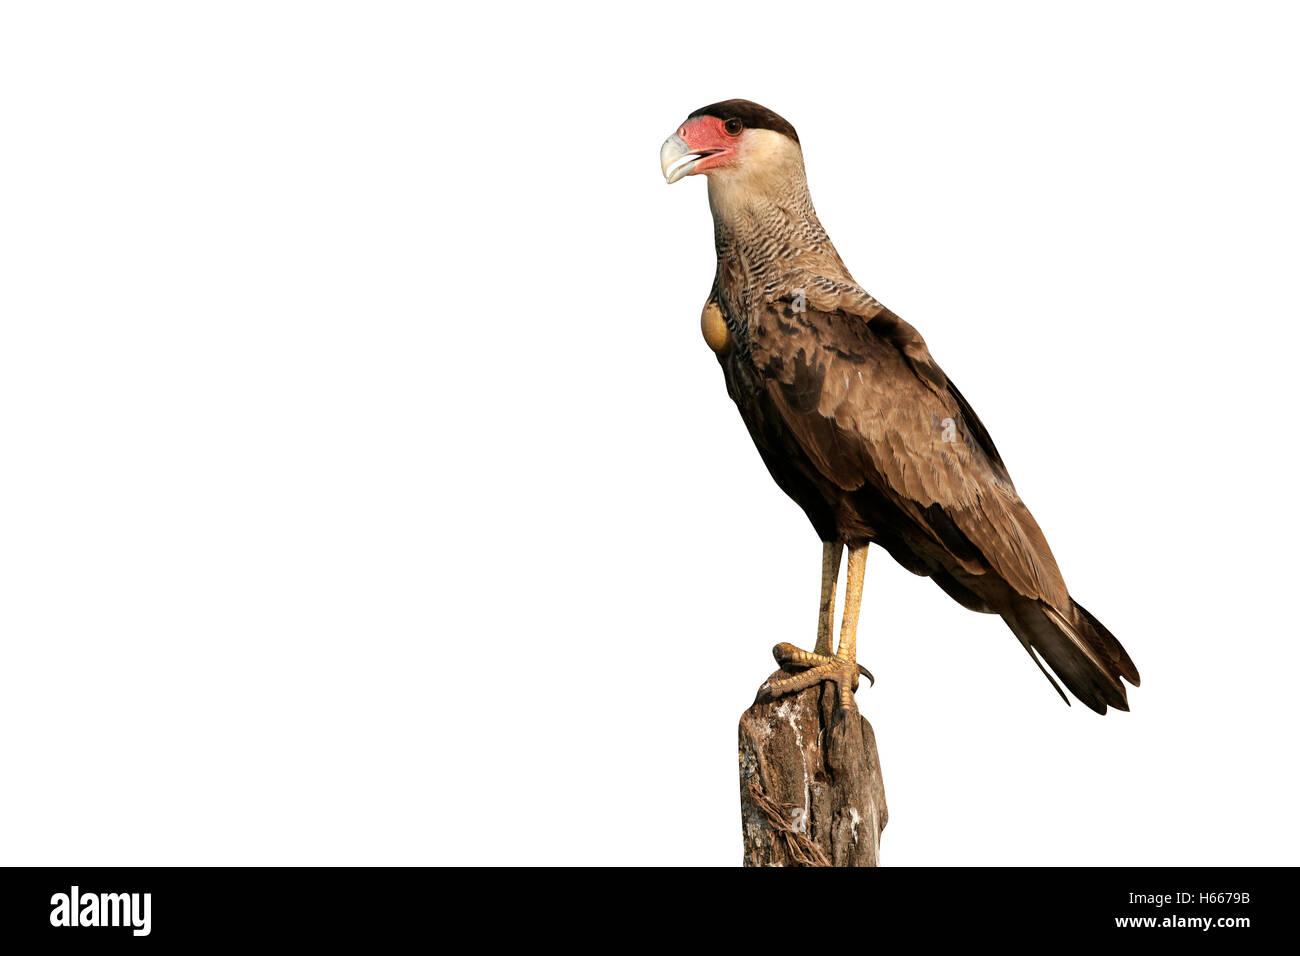 Crested caracara, Caracara cheriway, single bird on post, Brazil - Stock Image